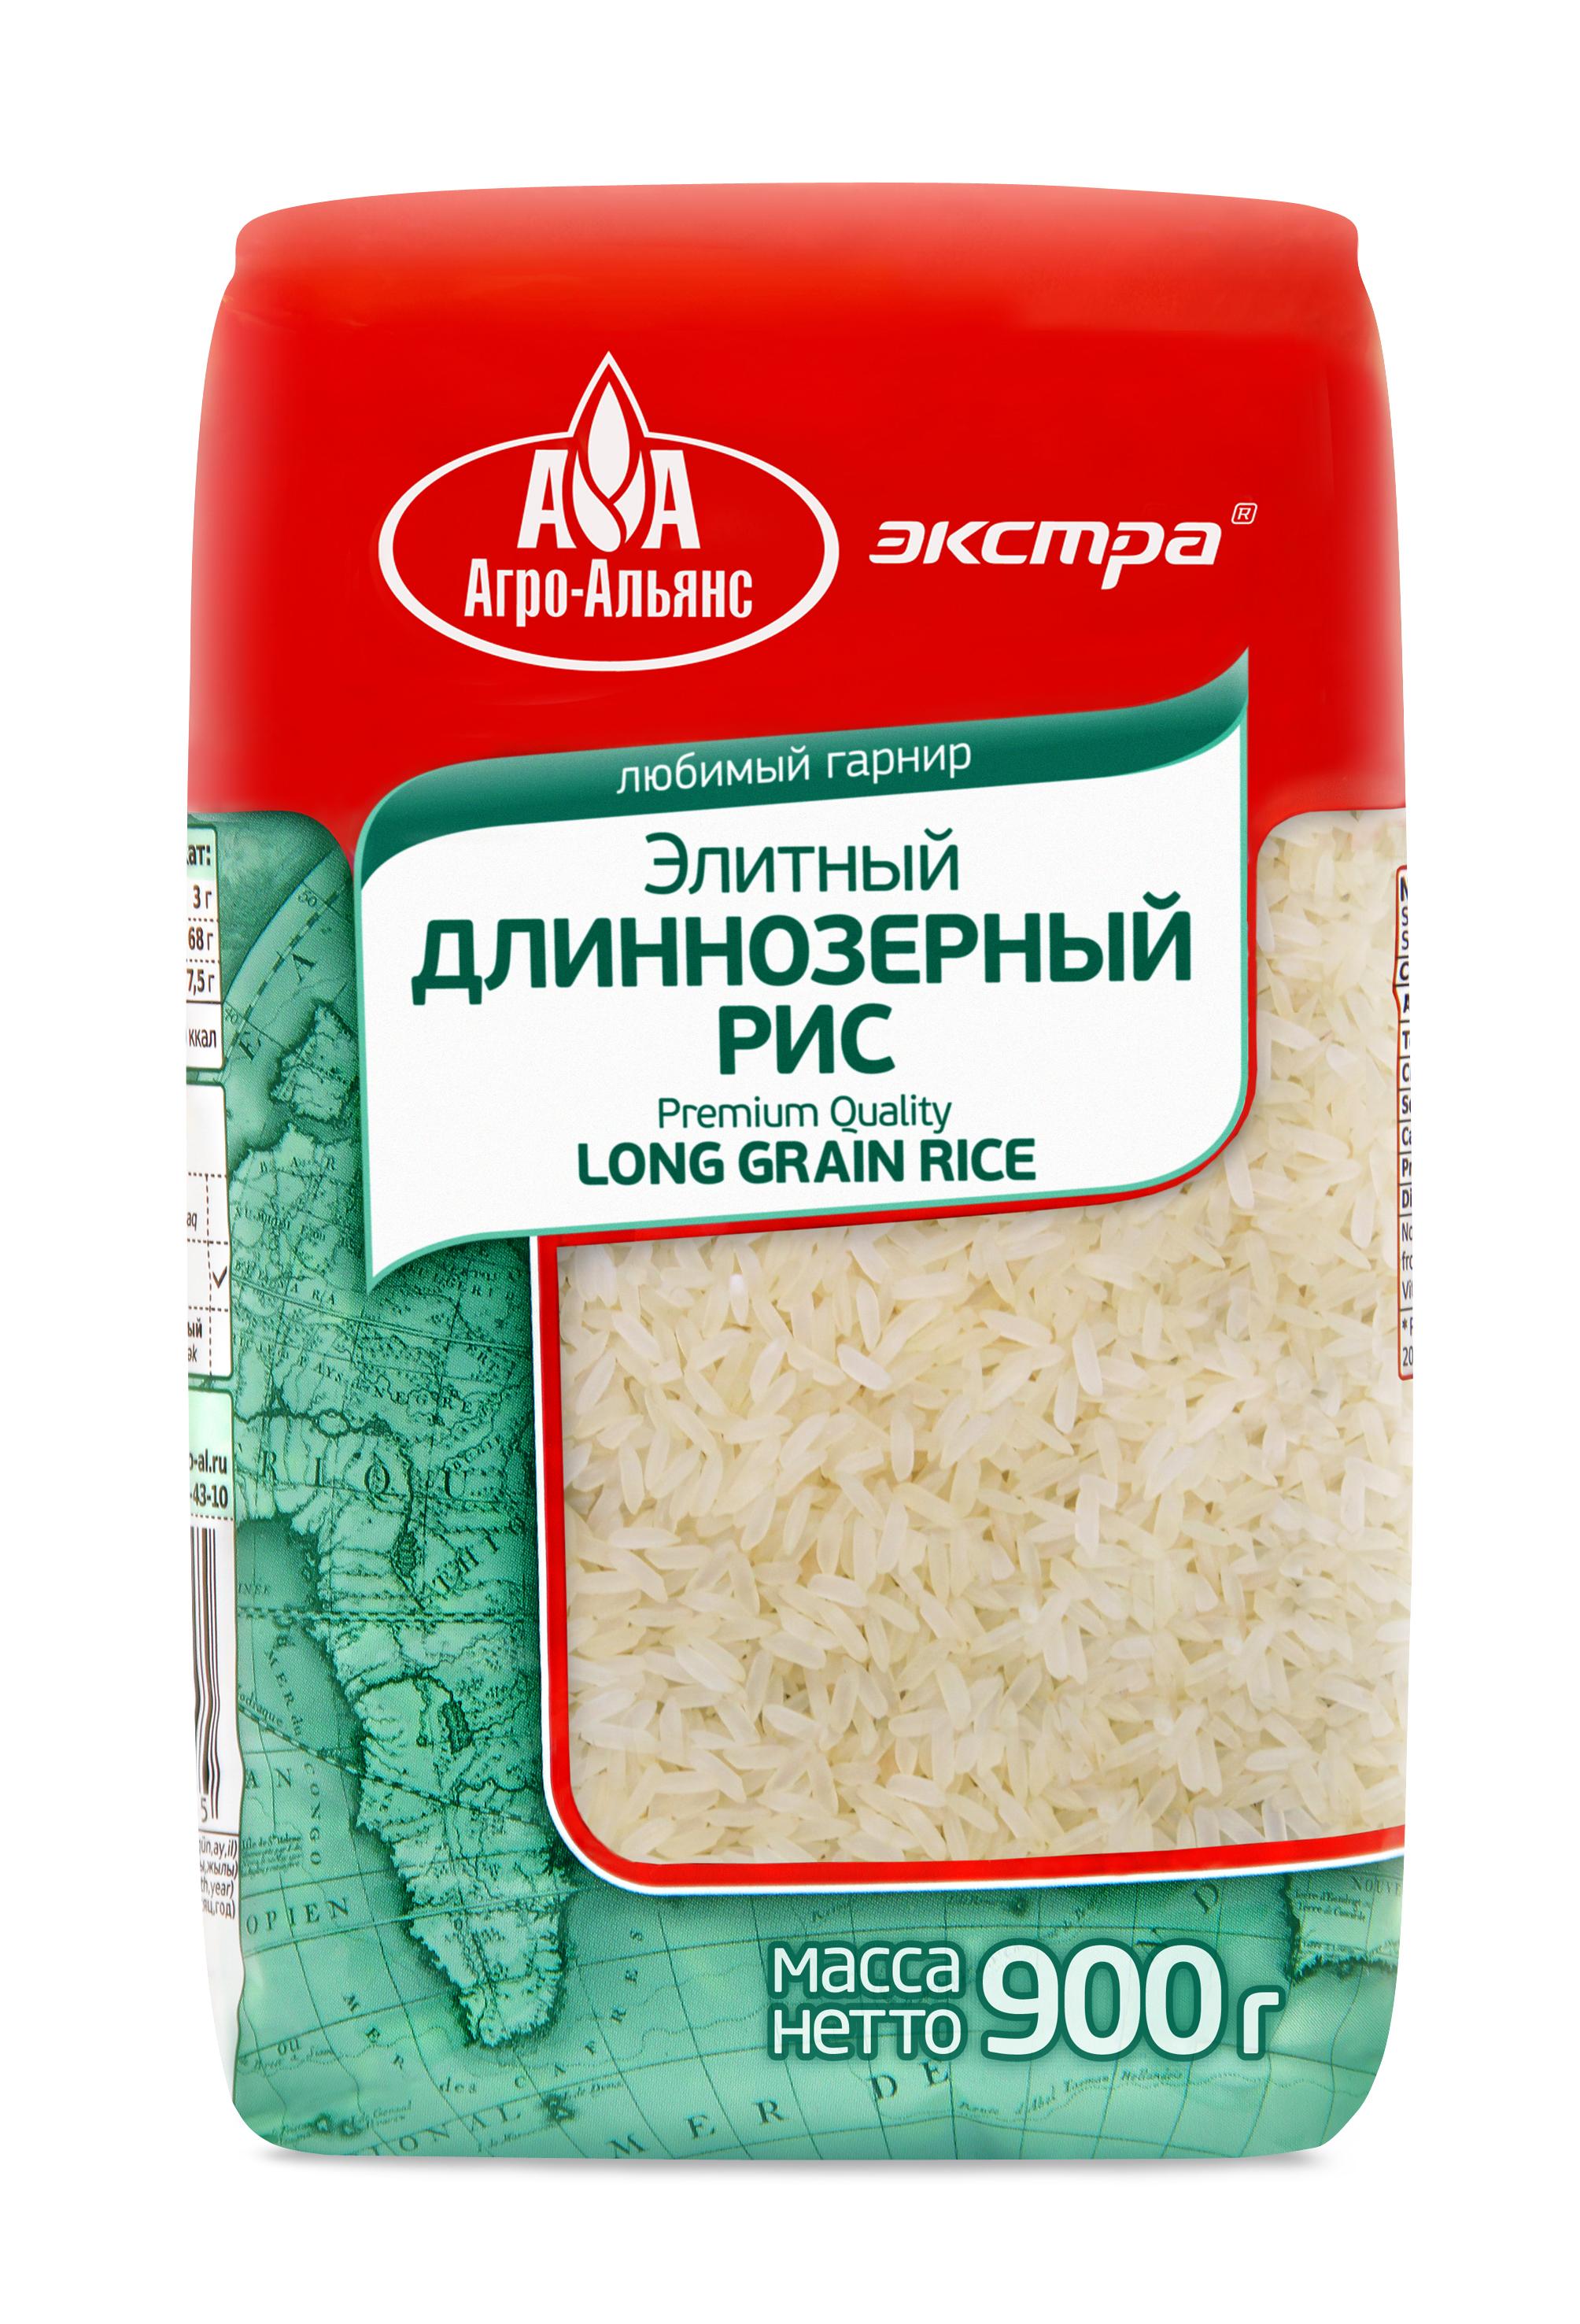 Рис Агро-Альянс элитный длиннозерный Экстра, 900 г агро альянс каскад рис пропаренный золотой 900 г